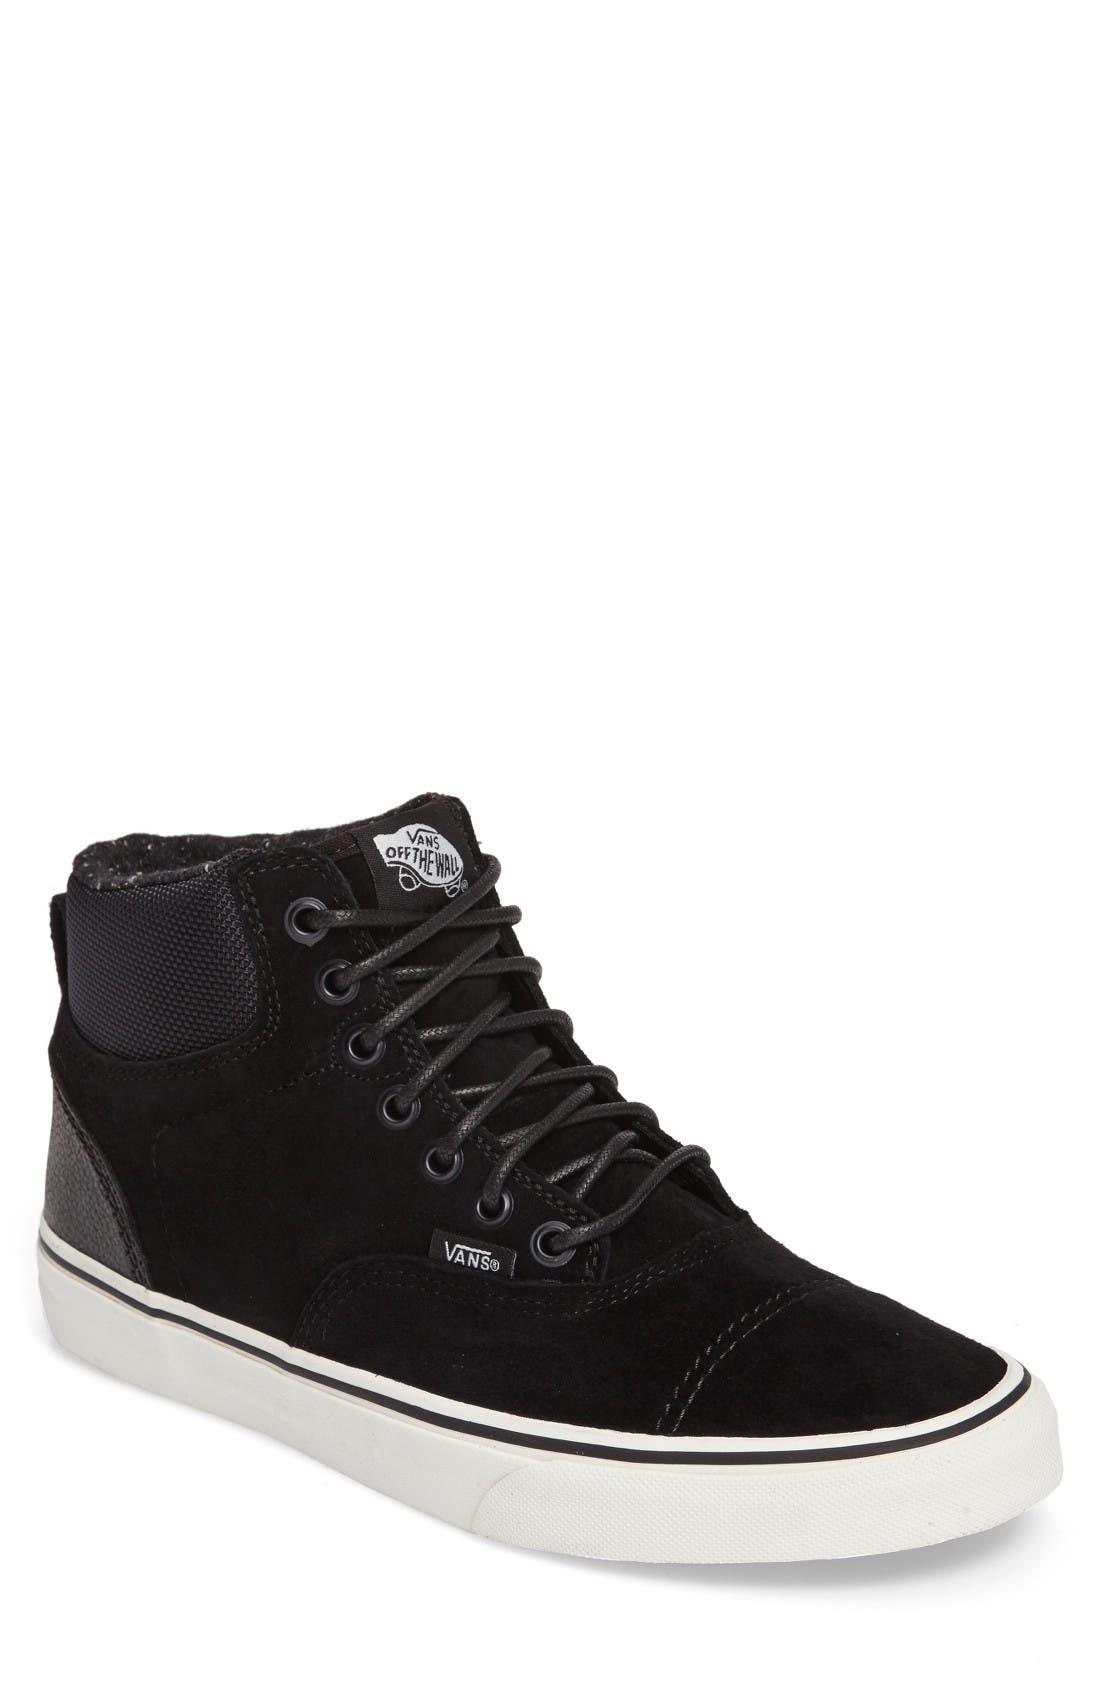 VANS Era High Top Sneaker